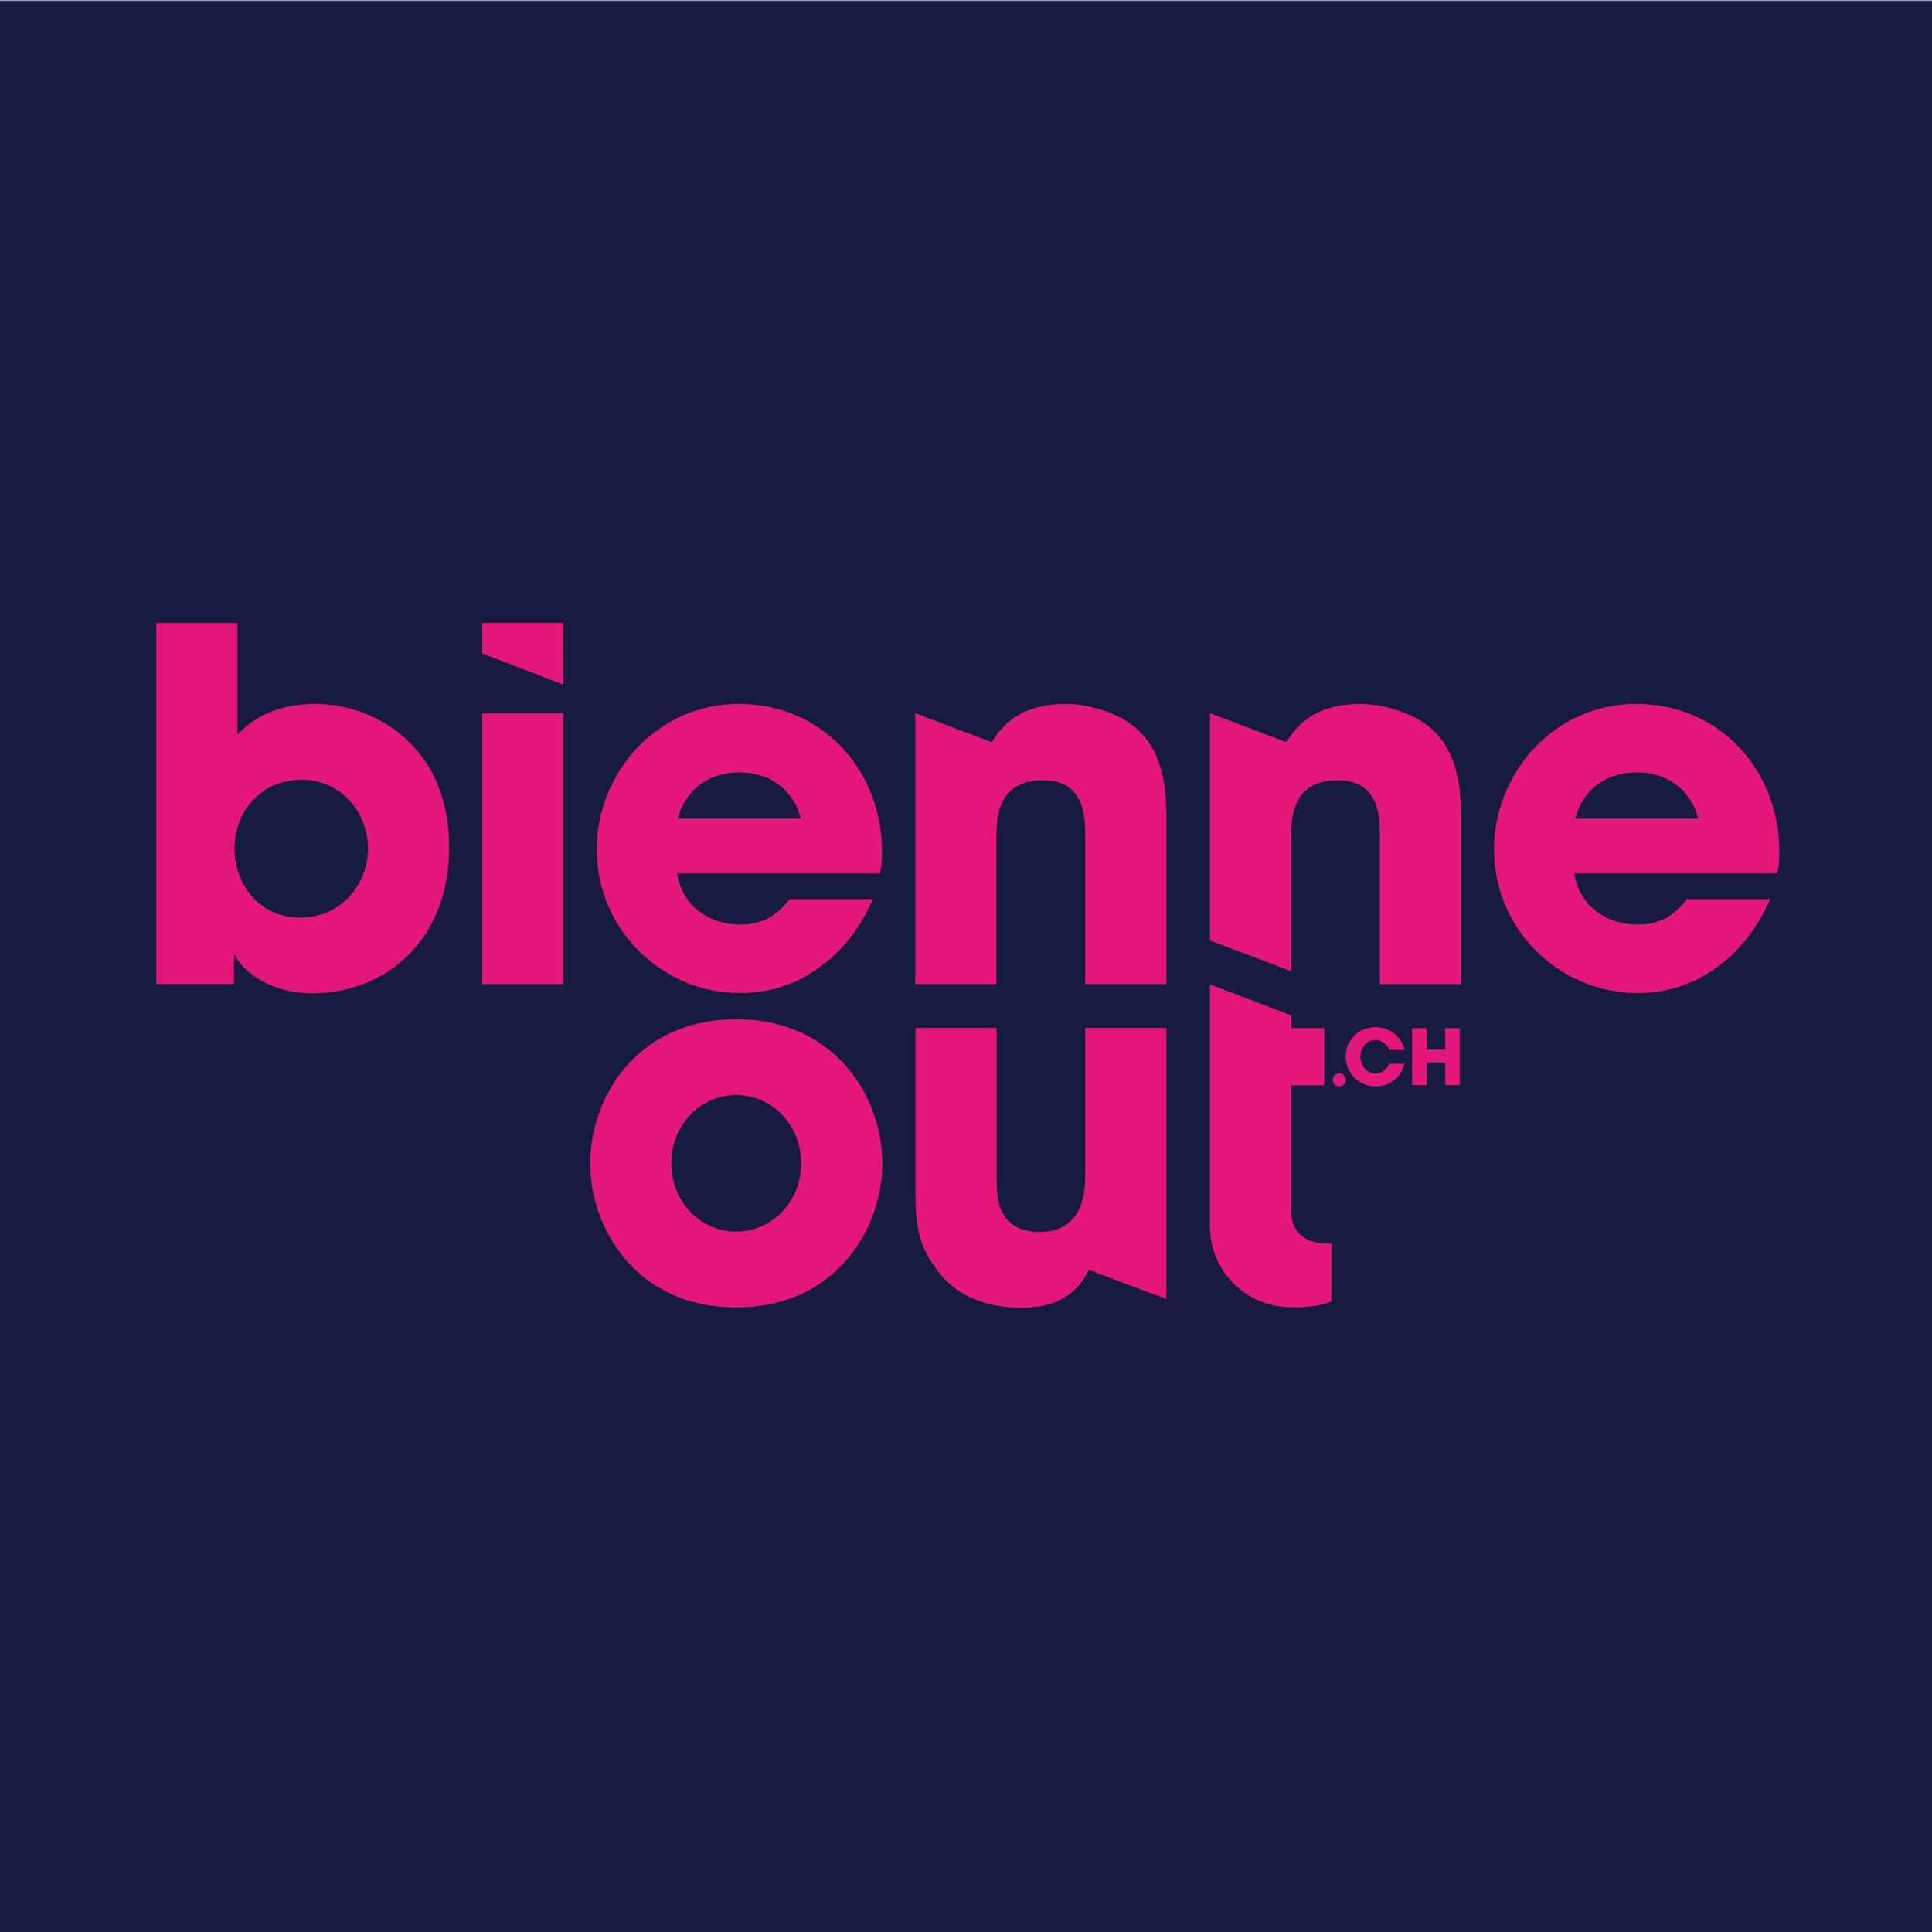 Logo bienneout, für die Bieler Kulturagenda kreierte Hyperraum von Grund auf ein neues Logo.